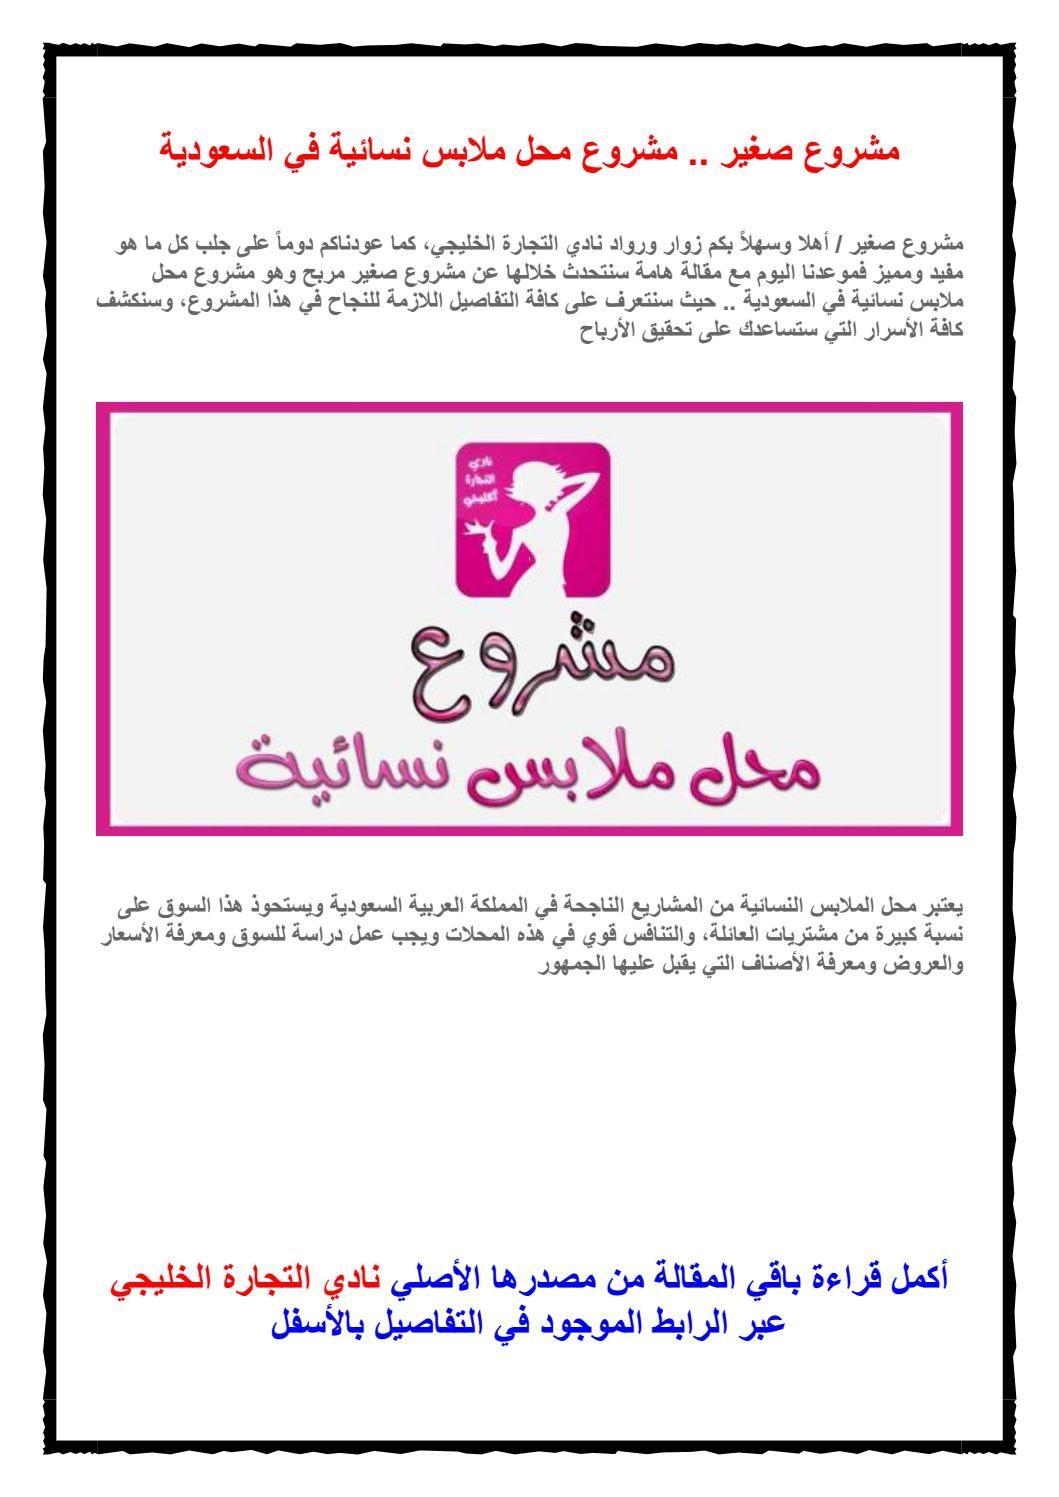 مشروع صغير مشروع محل ملابس نسائية في السعودية